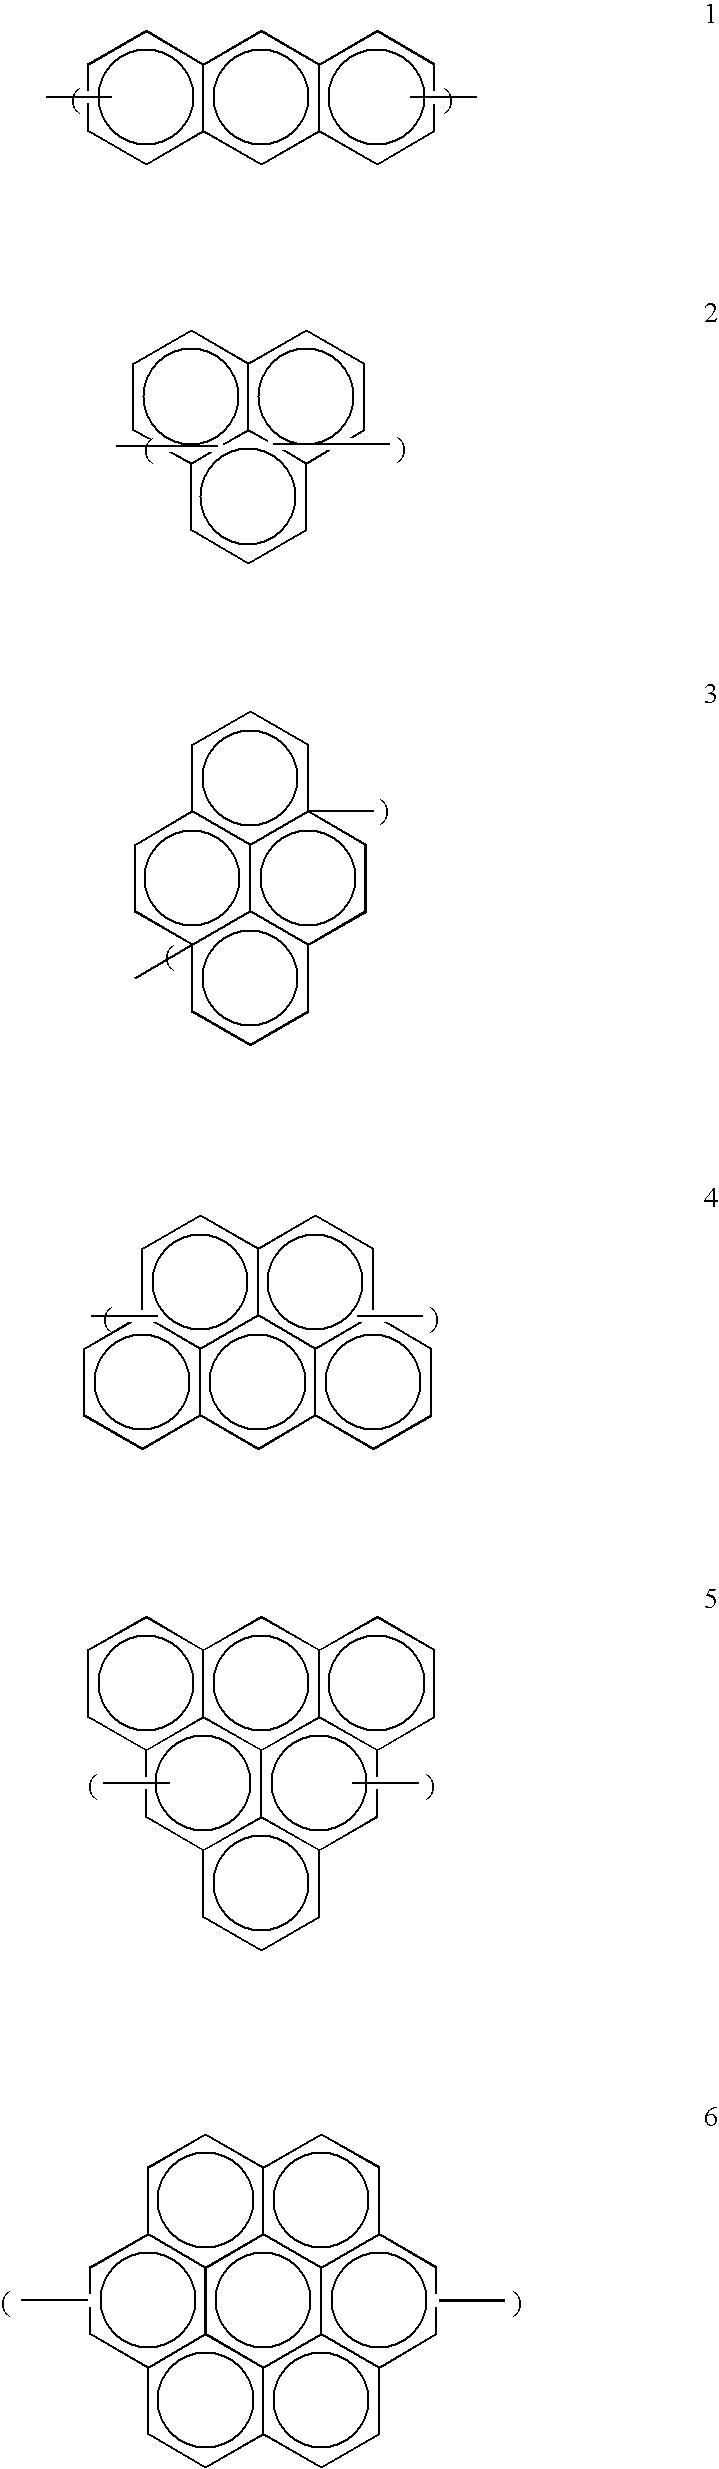 Figure US20080292995A1-20081127-C00001